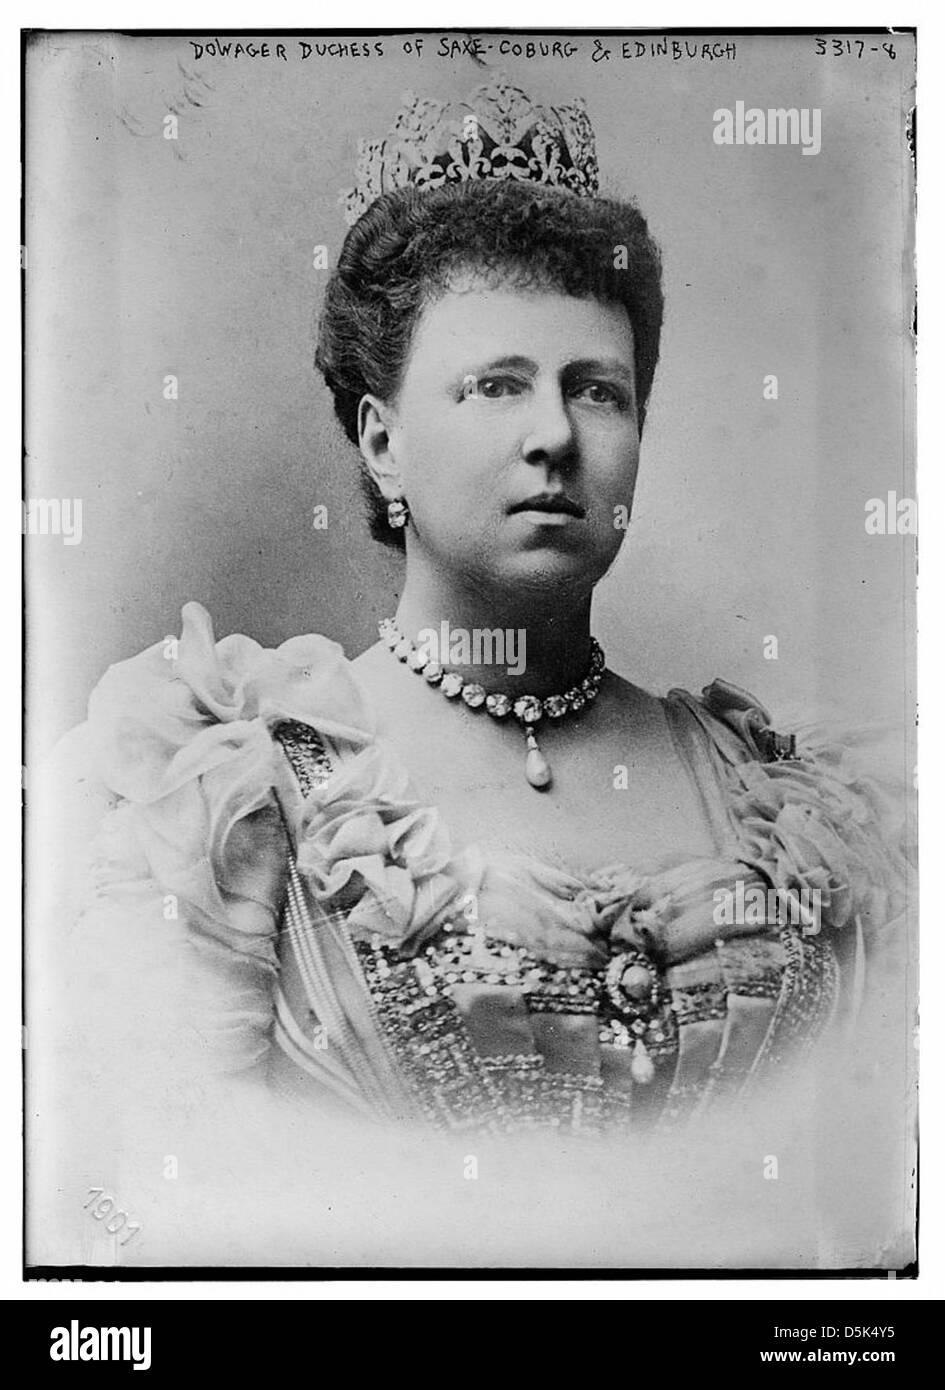 Dowager Duchess of Saxe-Coburg and Edinburgh (LOC) - Stock Image